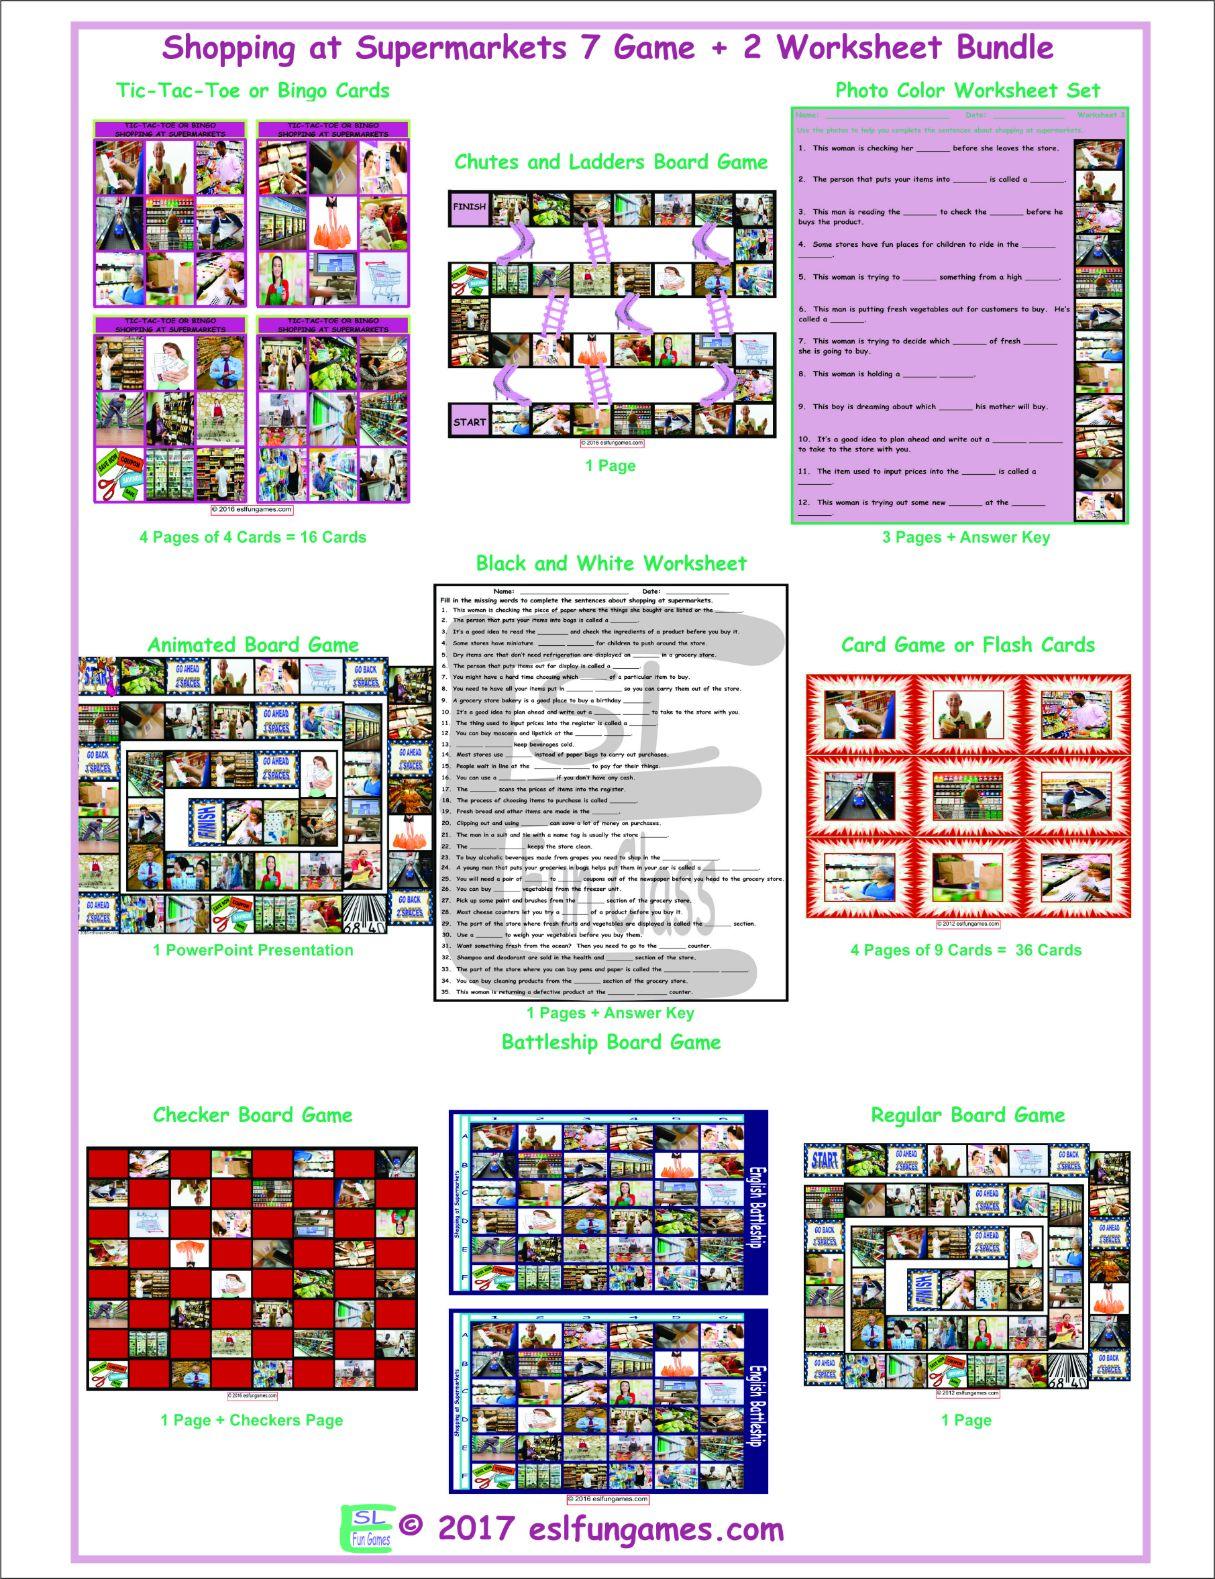 Shopping at Supermarkets 7 Game Plus 2 Worksheet Bundle